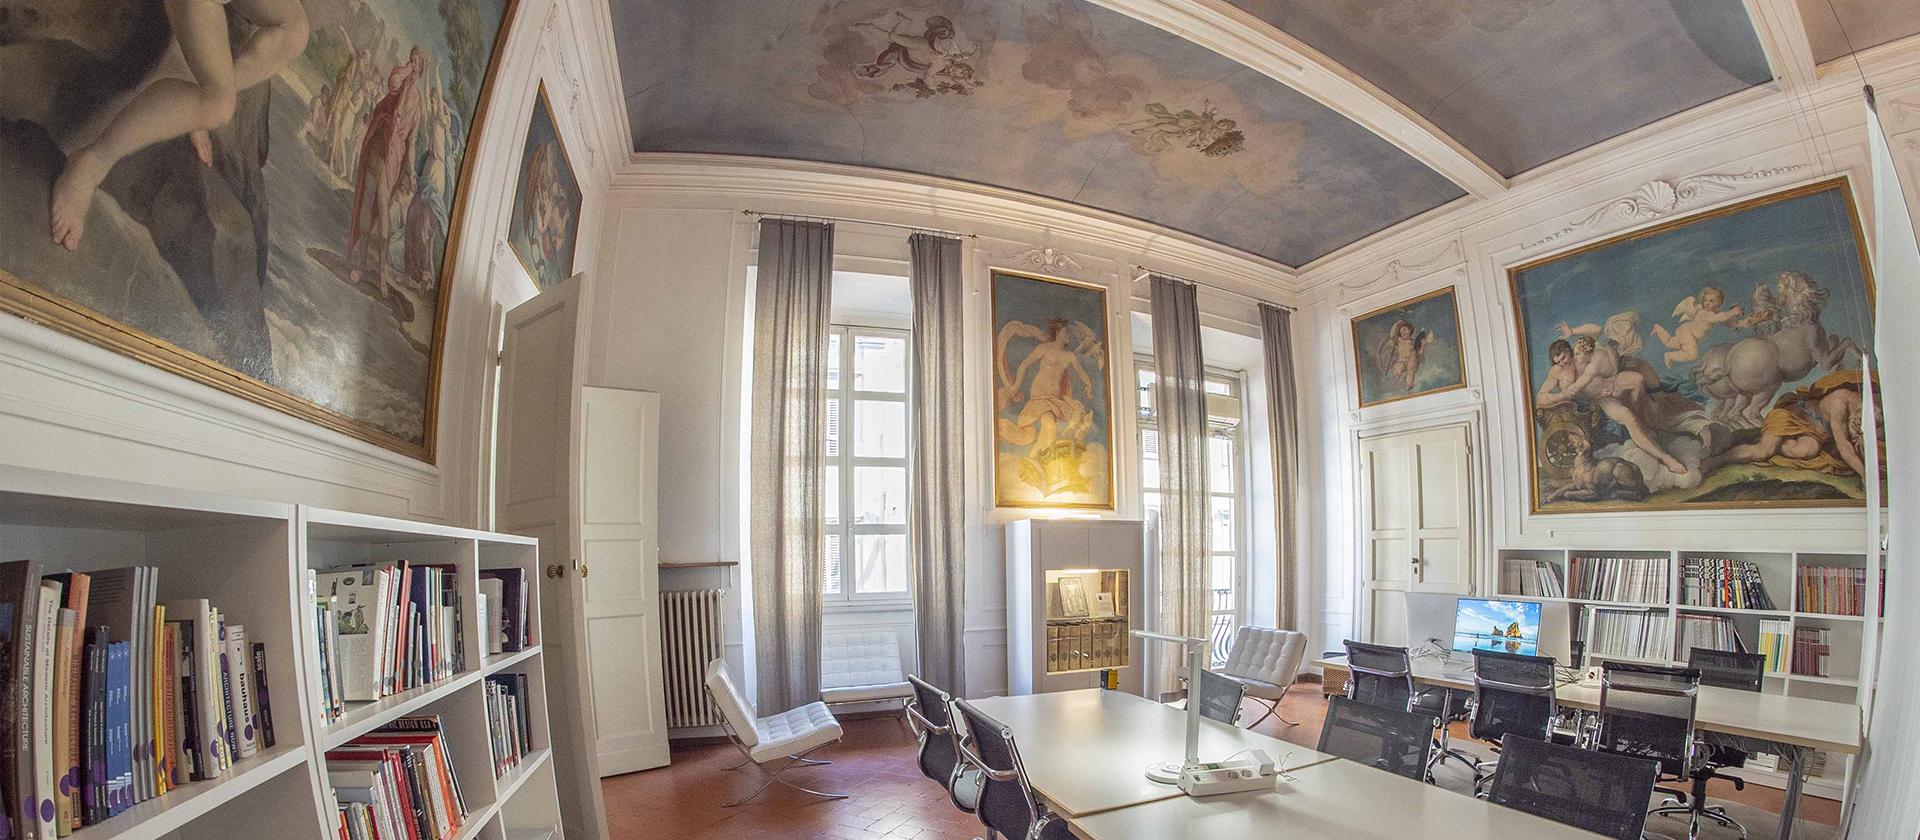 Ma Interior Design Europe Designing An Aesthetic Interior